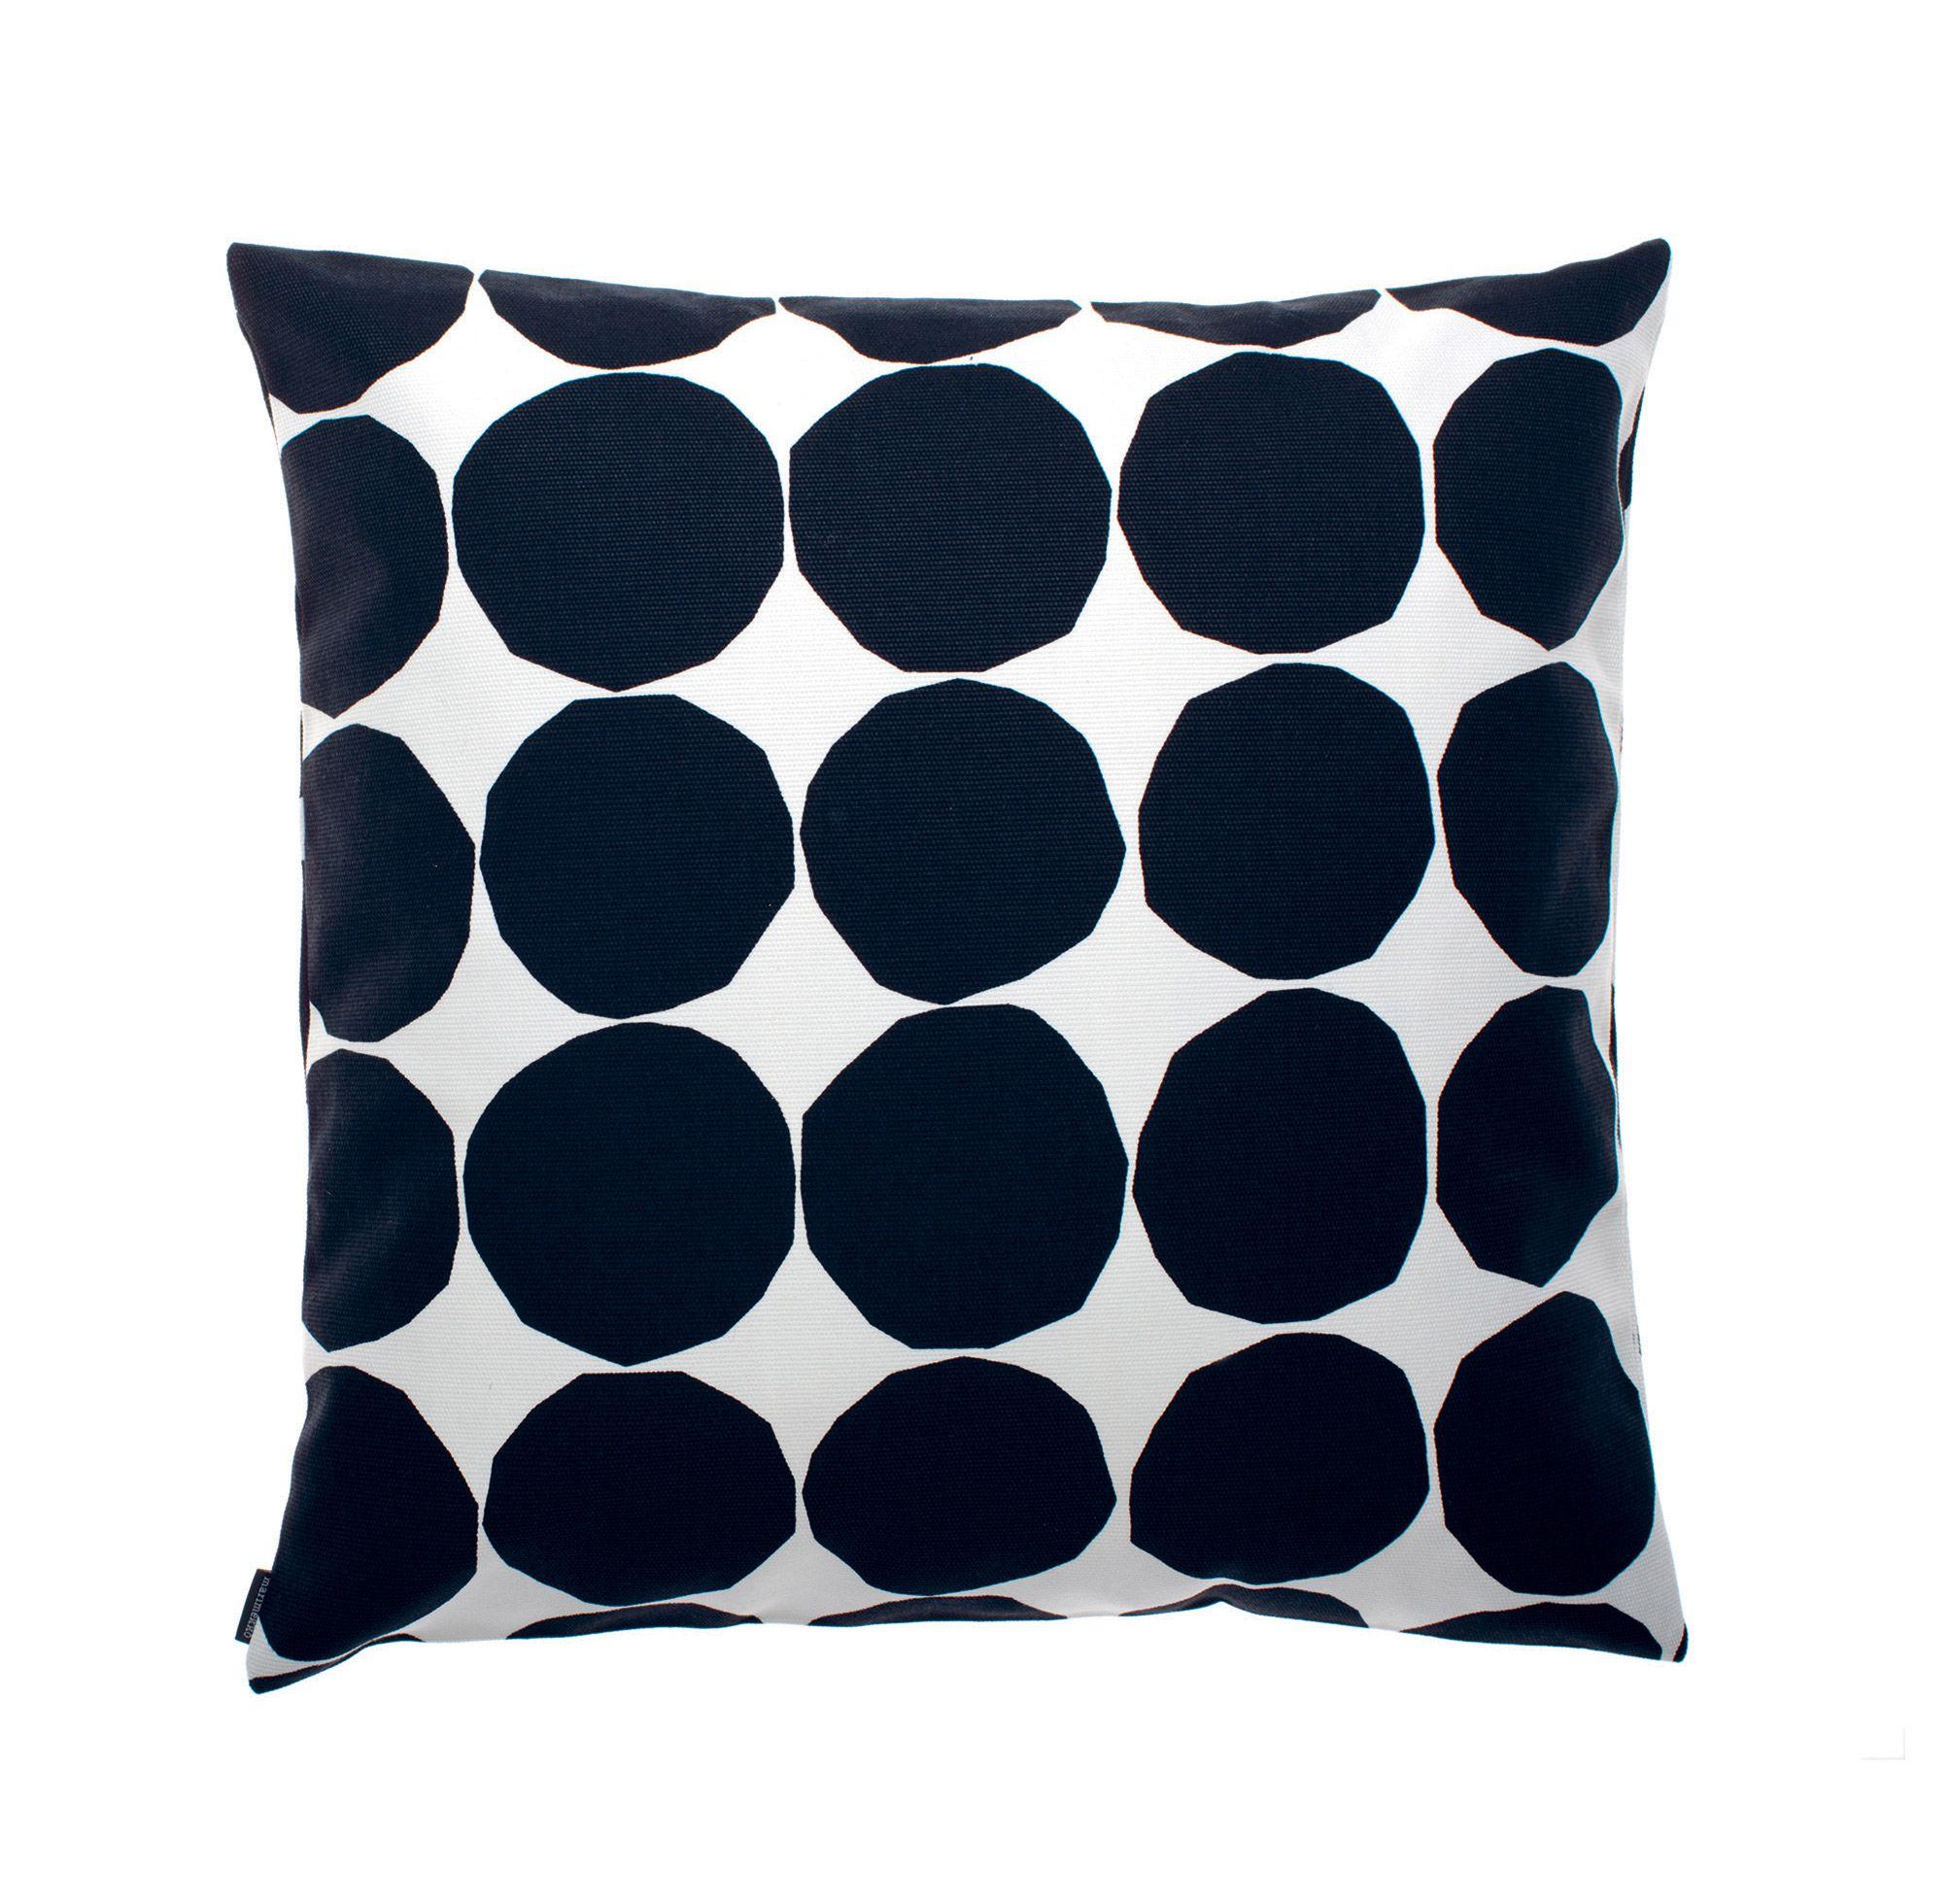 Marimekko Pillow Marimekko Large Throw Pillows Handmade Pillows